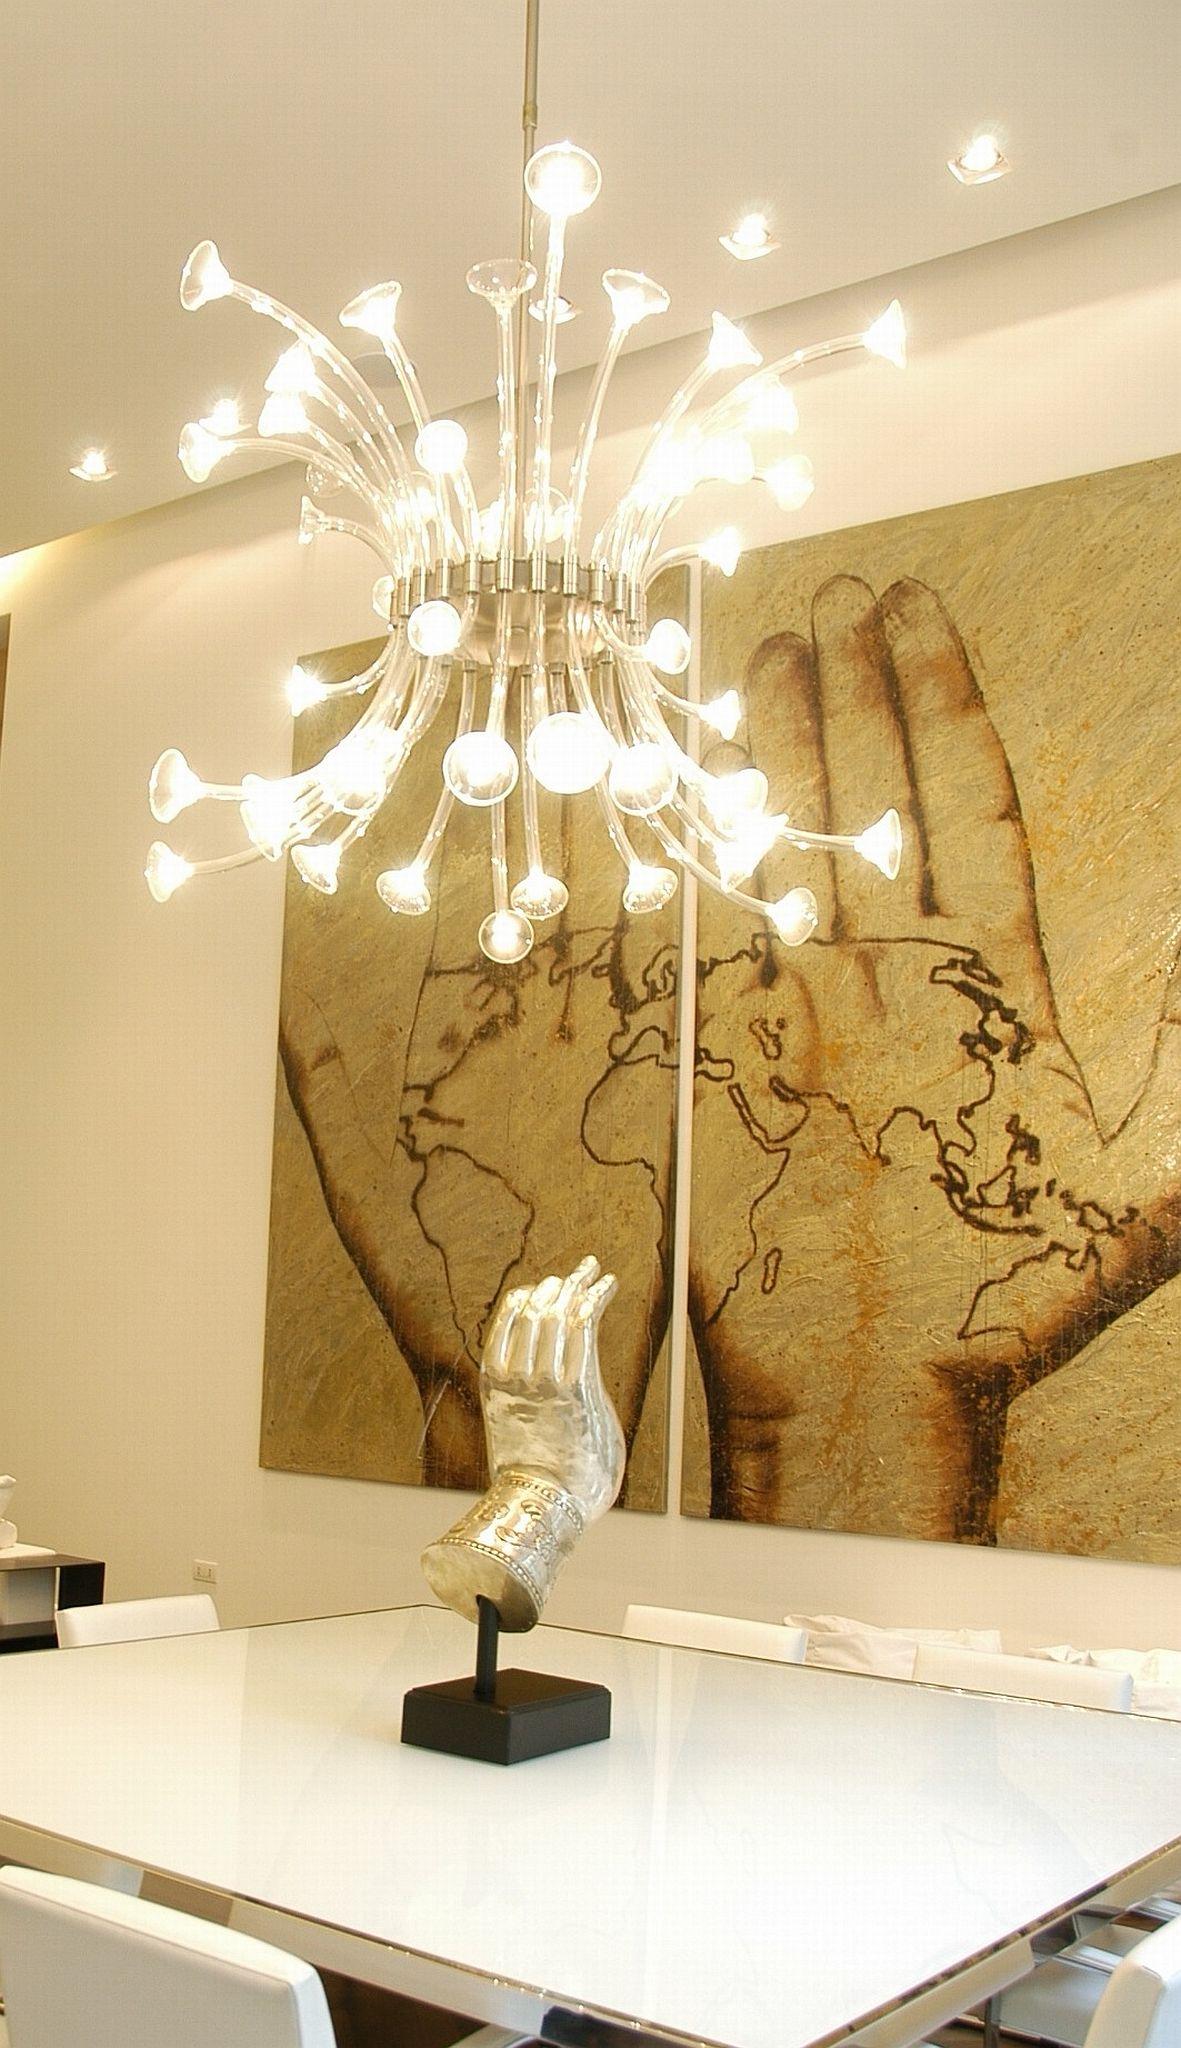 Ottimizzare una residenza privata luce e design for Nuove lampade a led